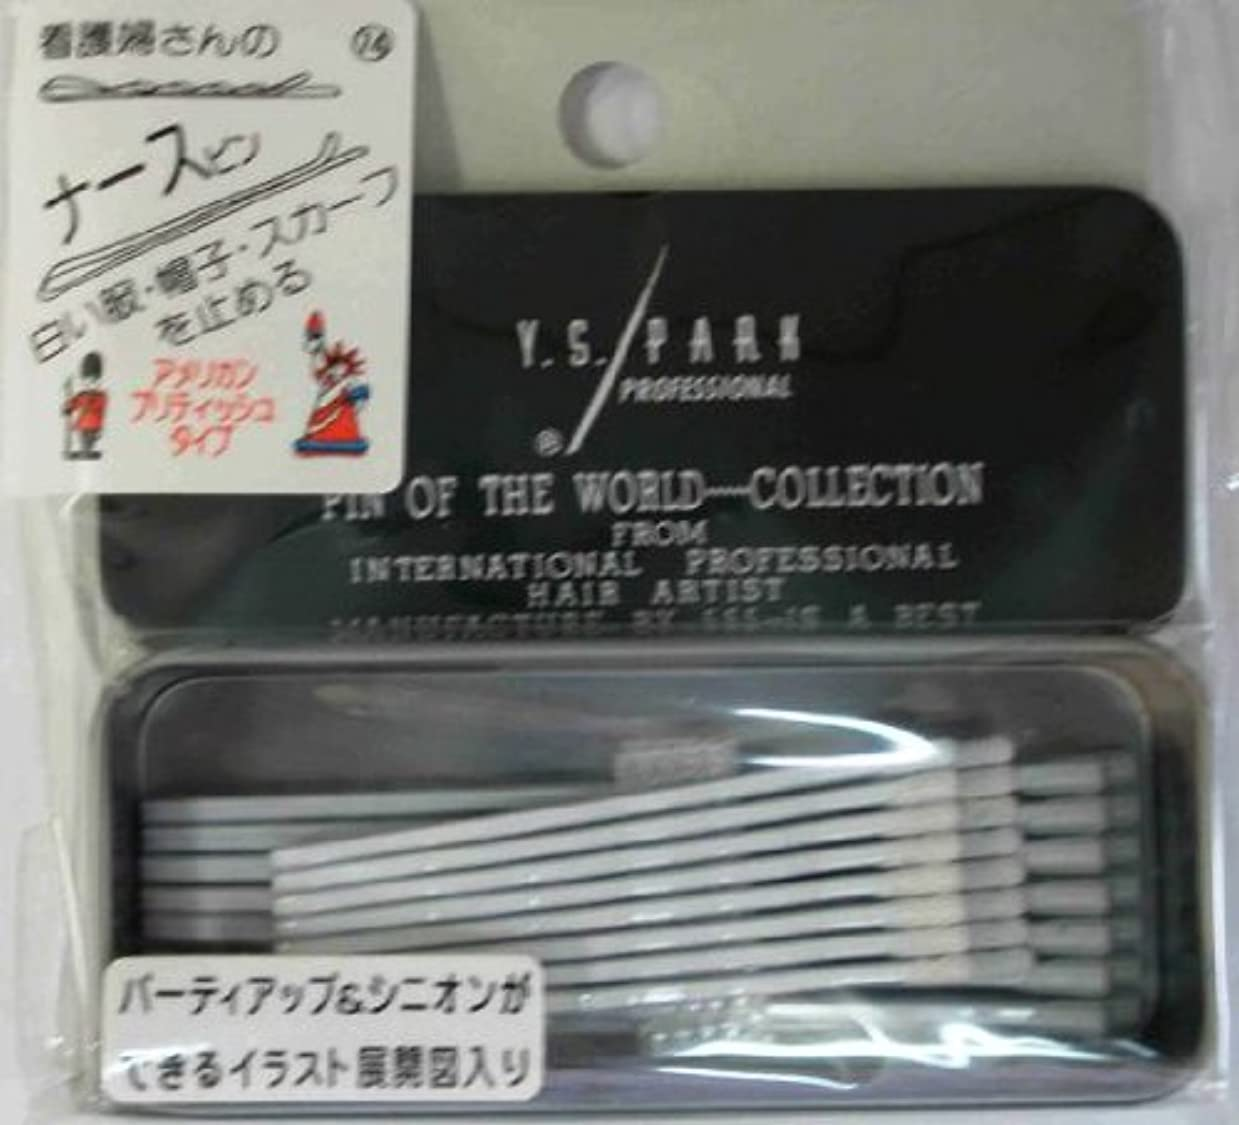 植木省略殺すY.S.PARK世界のヘアピンコレクションNo.74(白)アメリカンブリティッシュタイプ15P